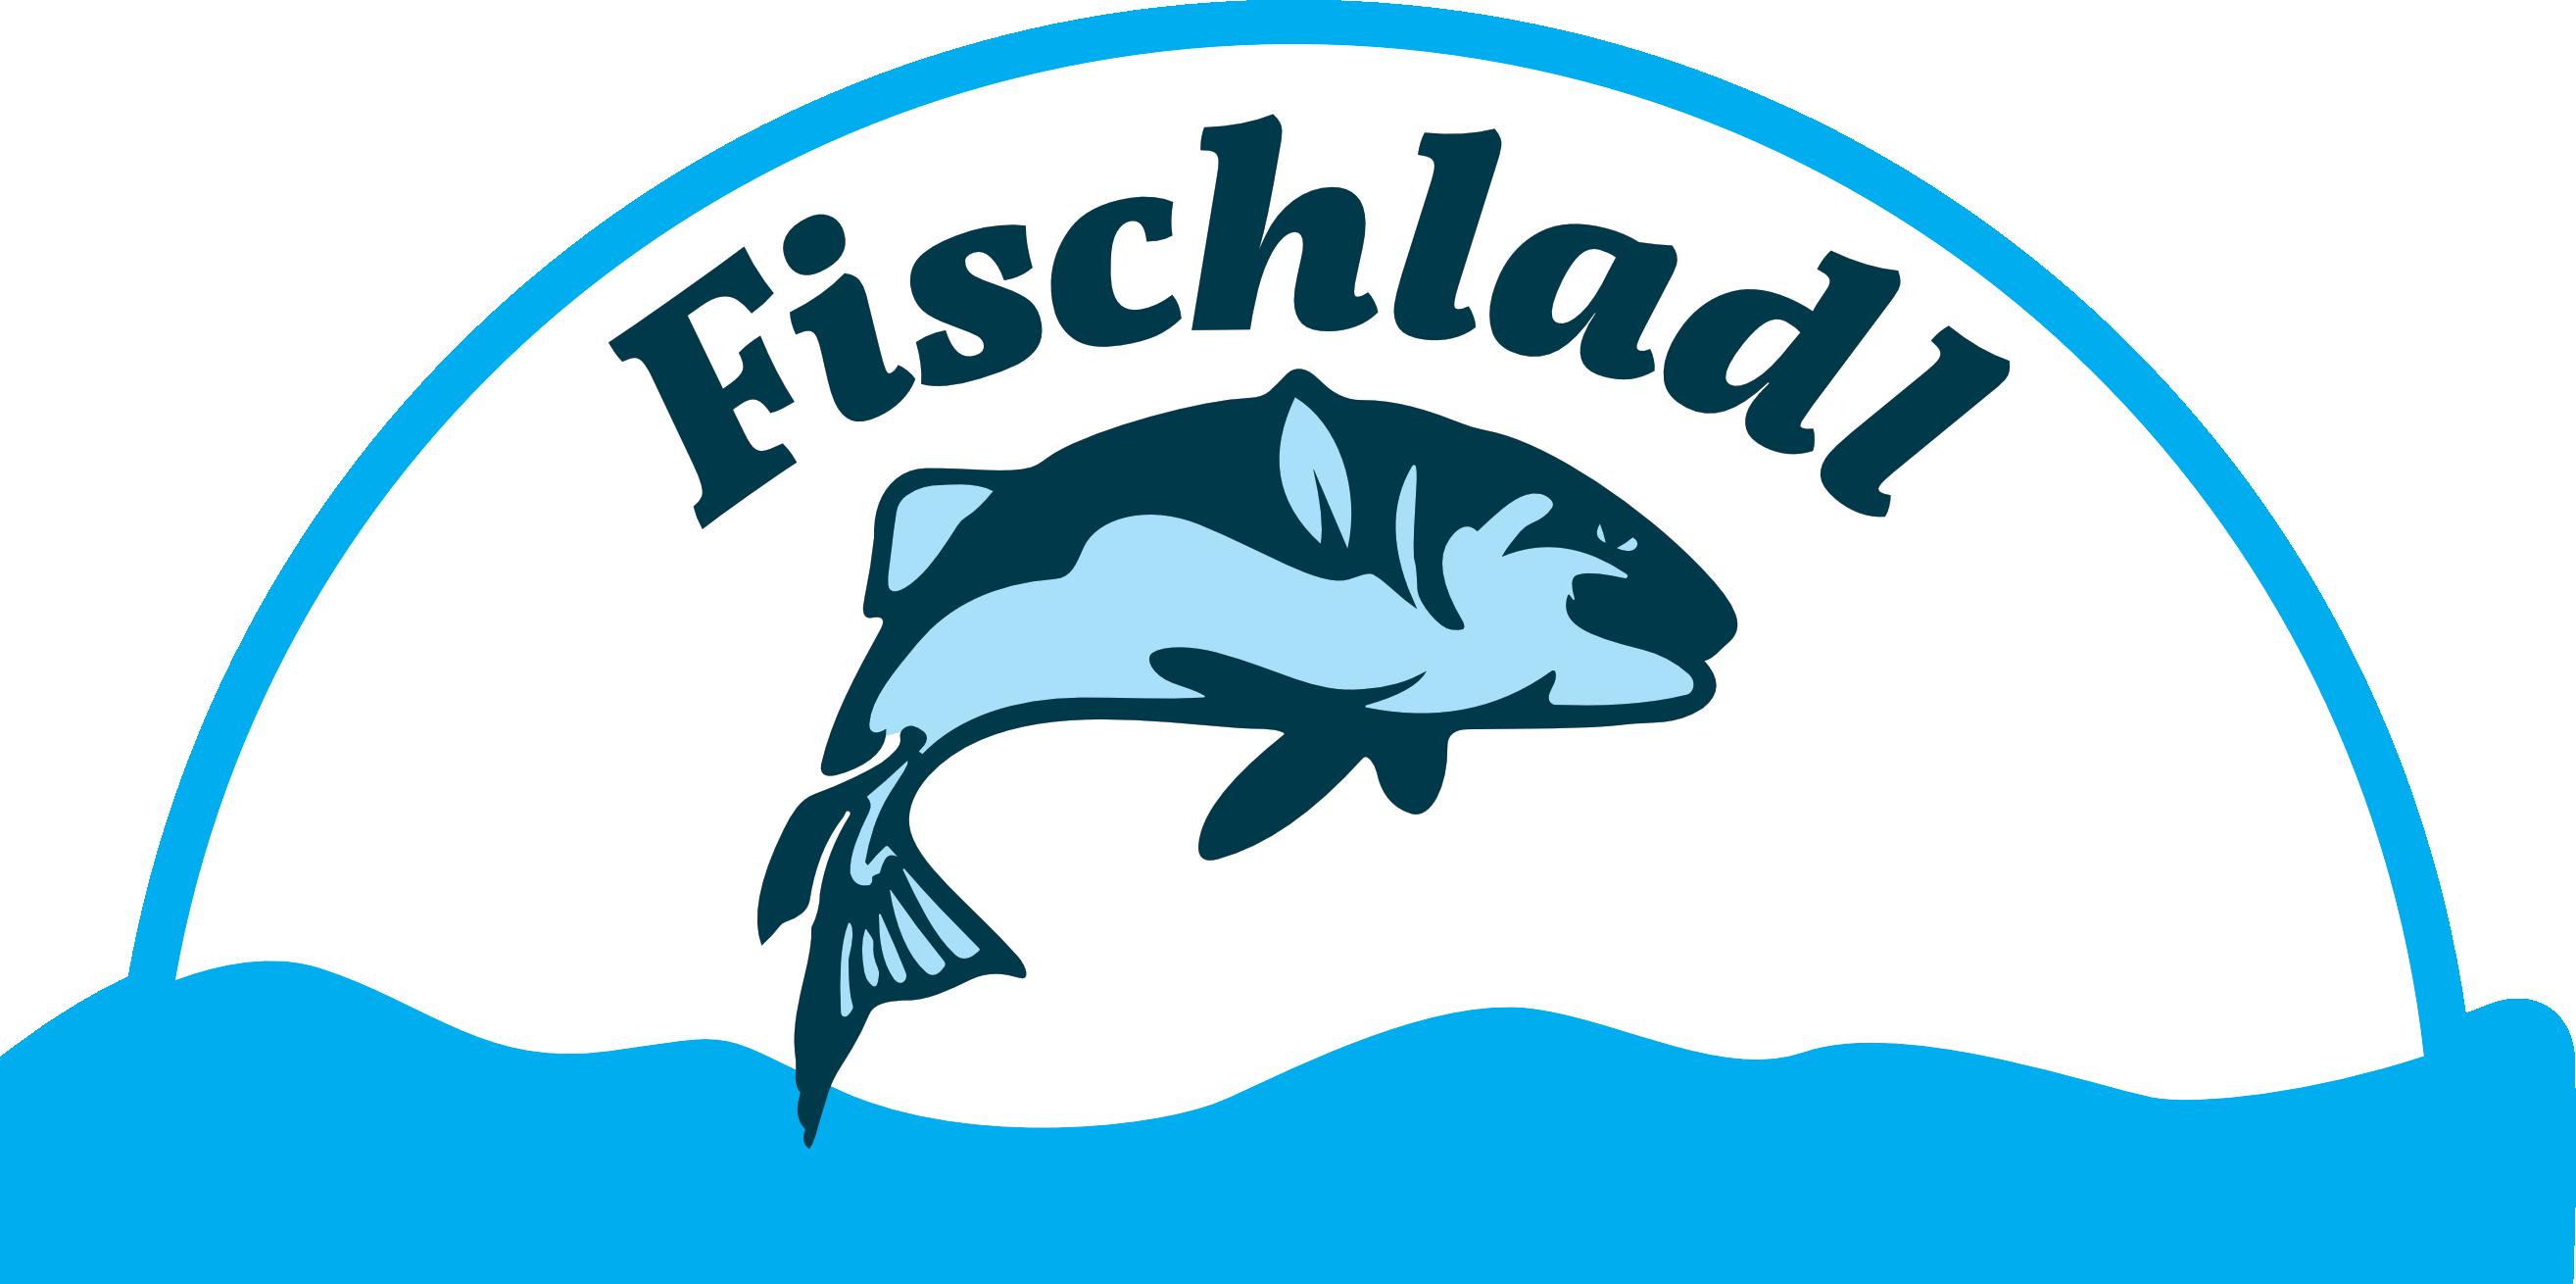 Fischladl